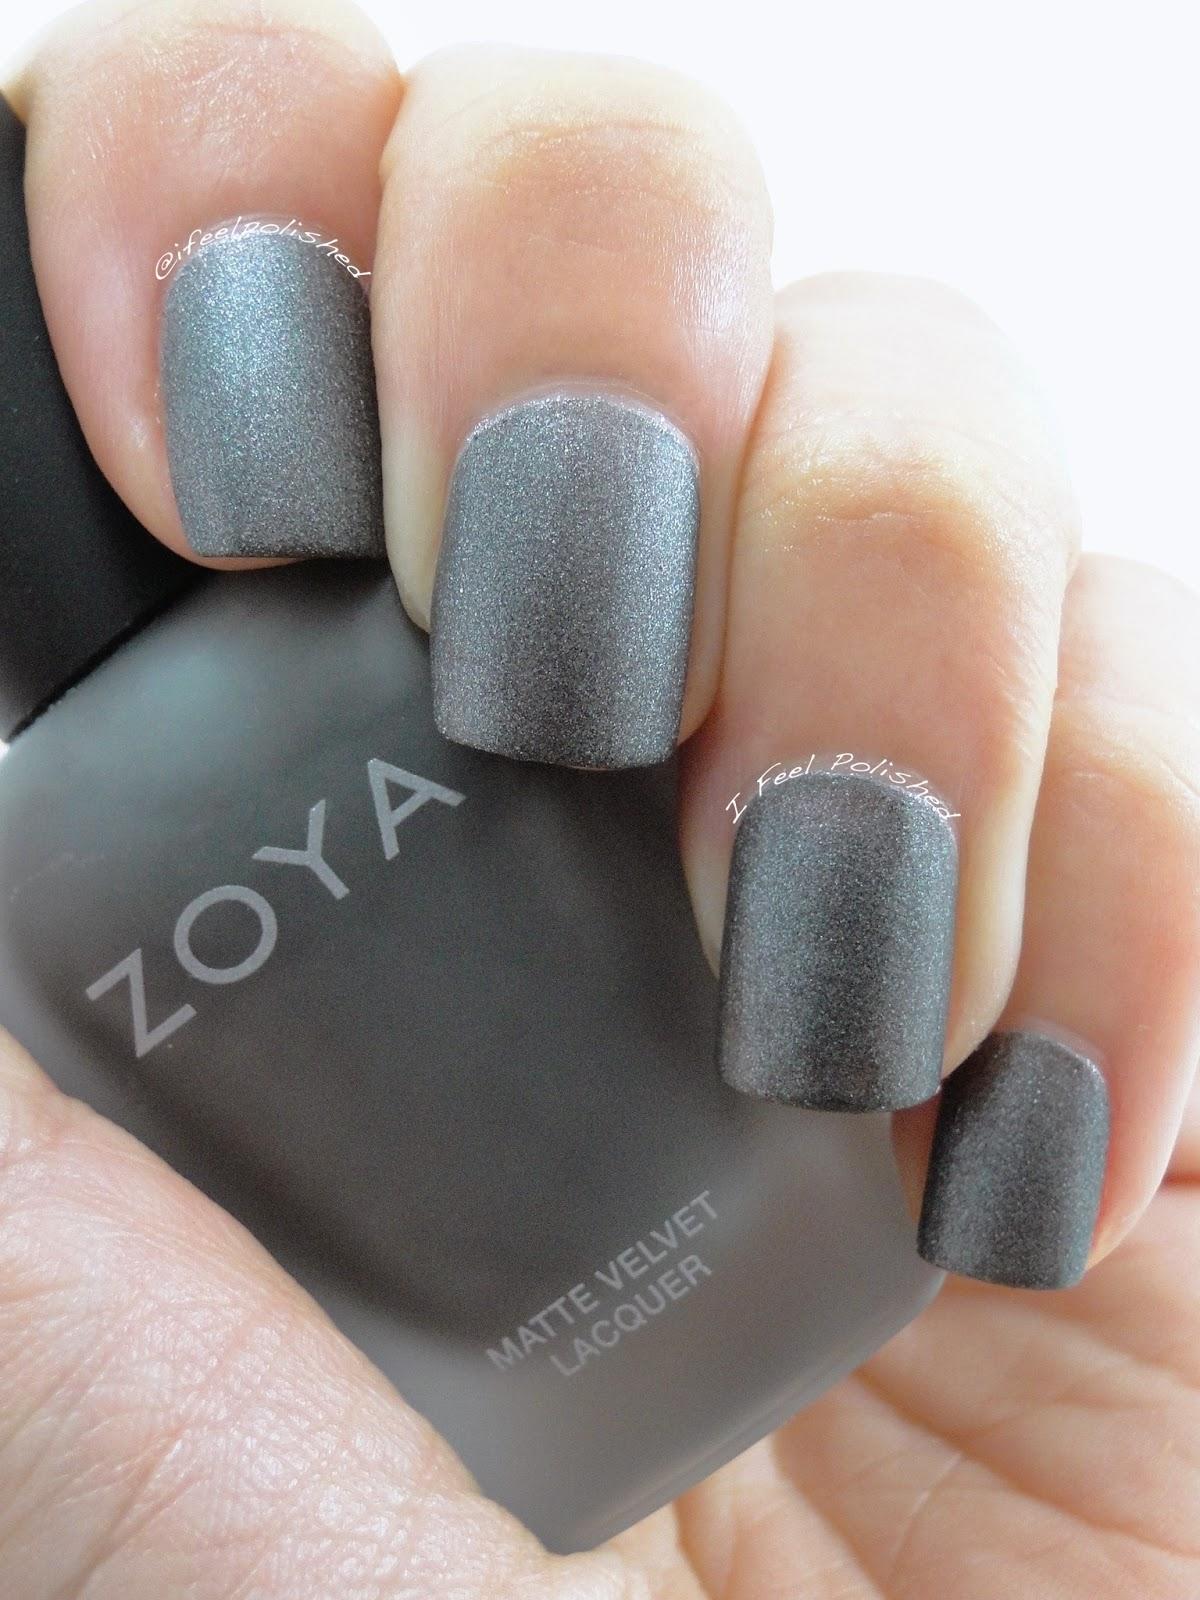 Zoya Loredana